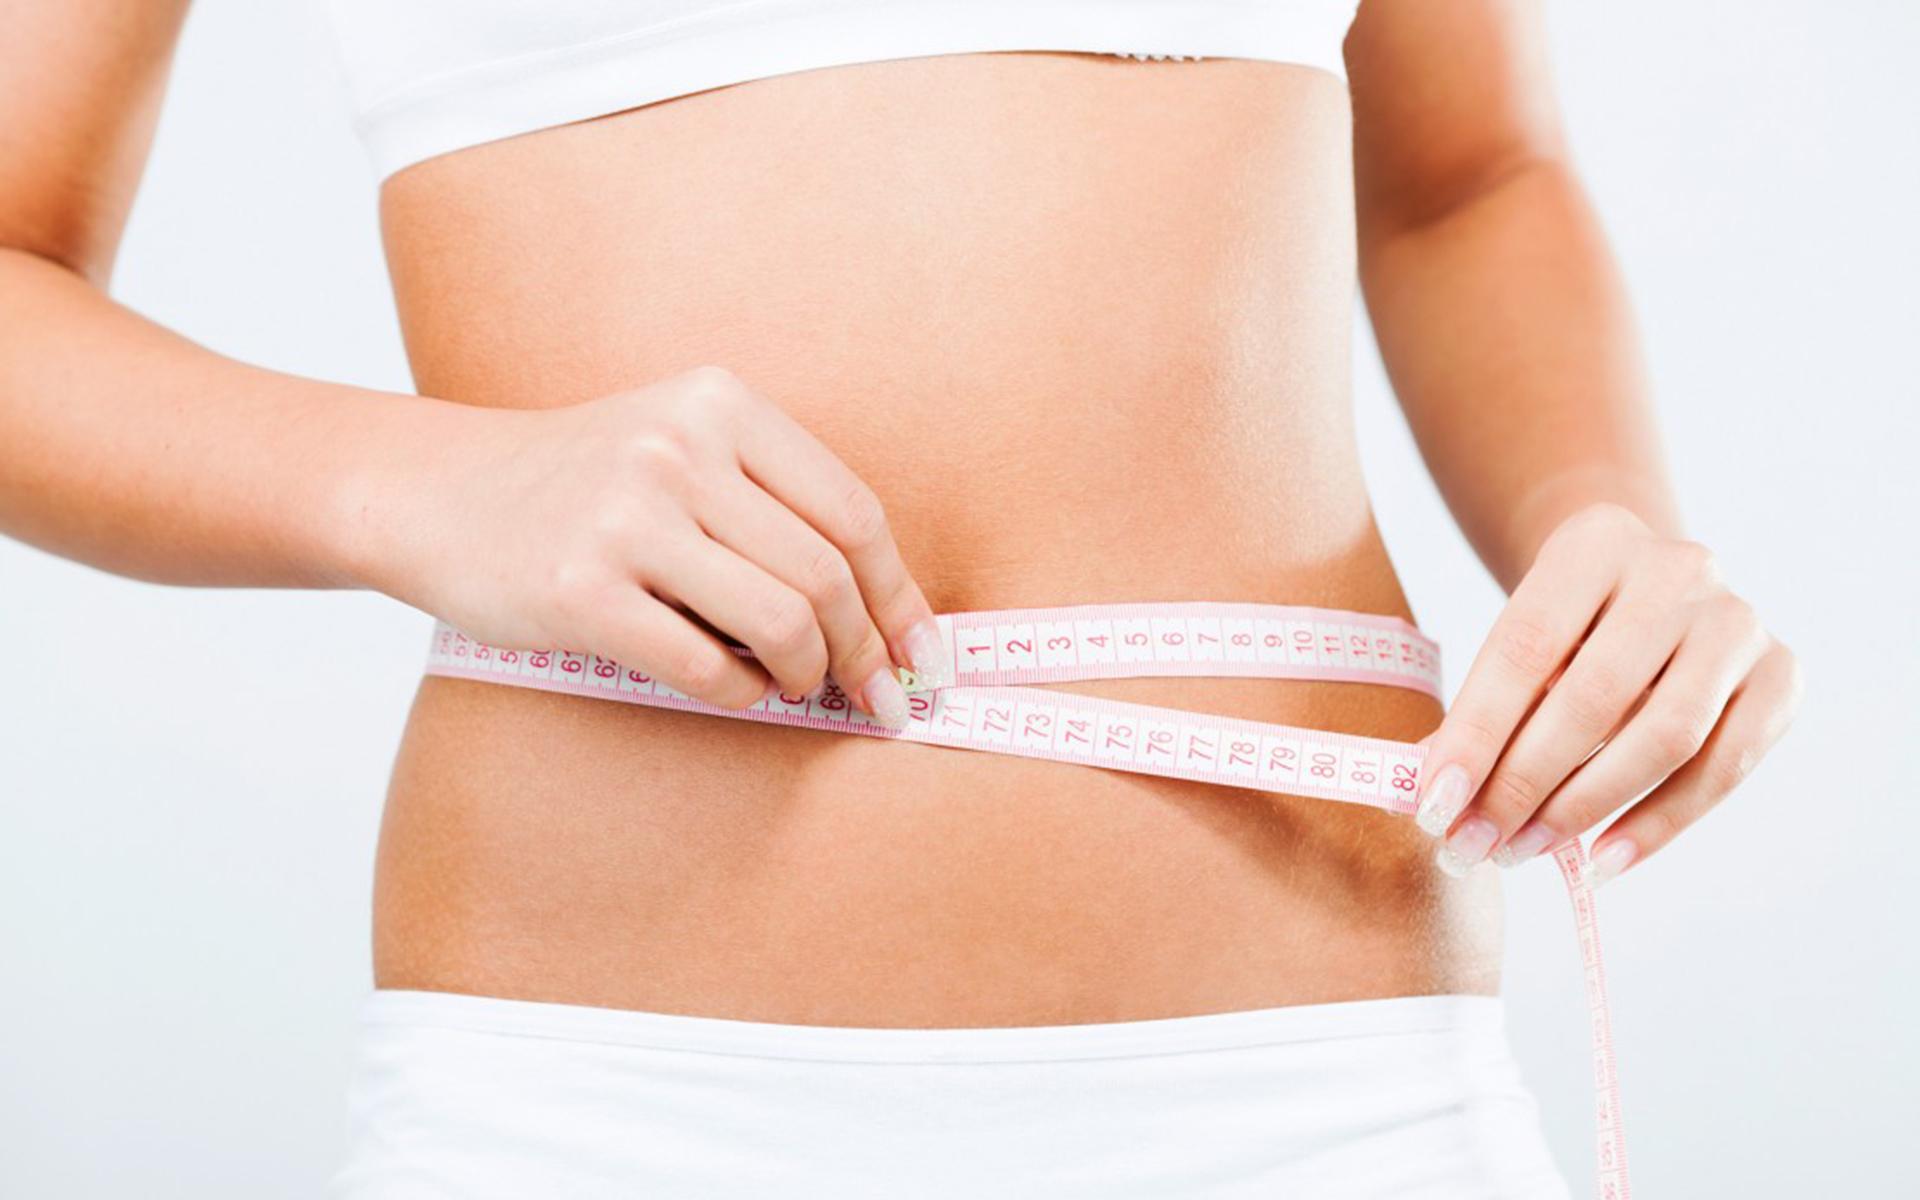 Cum să ardeți un kilogram de grăsime magazin de sănătate edgare online pastile de dieta ieftine zi